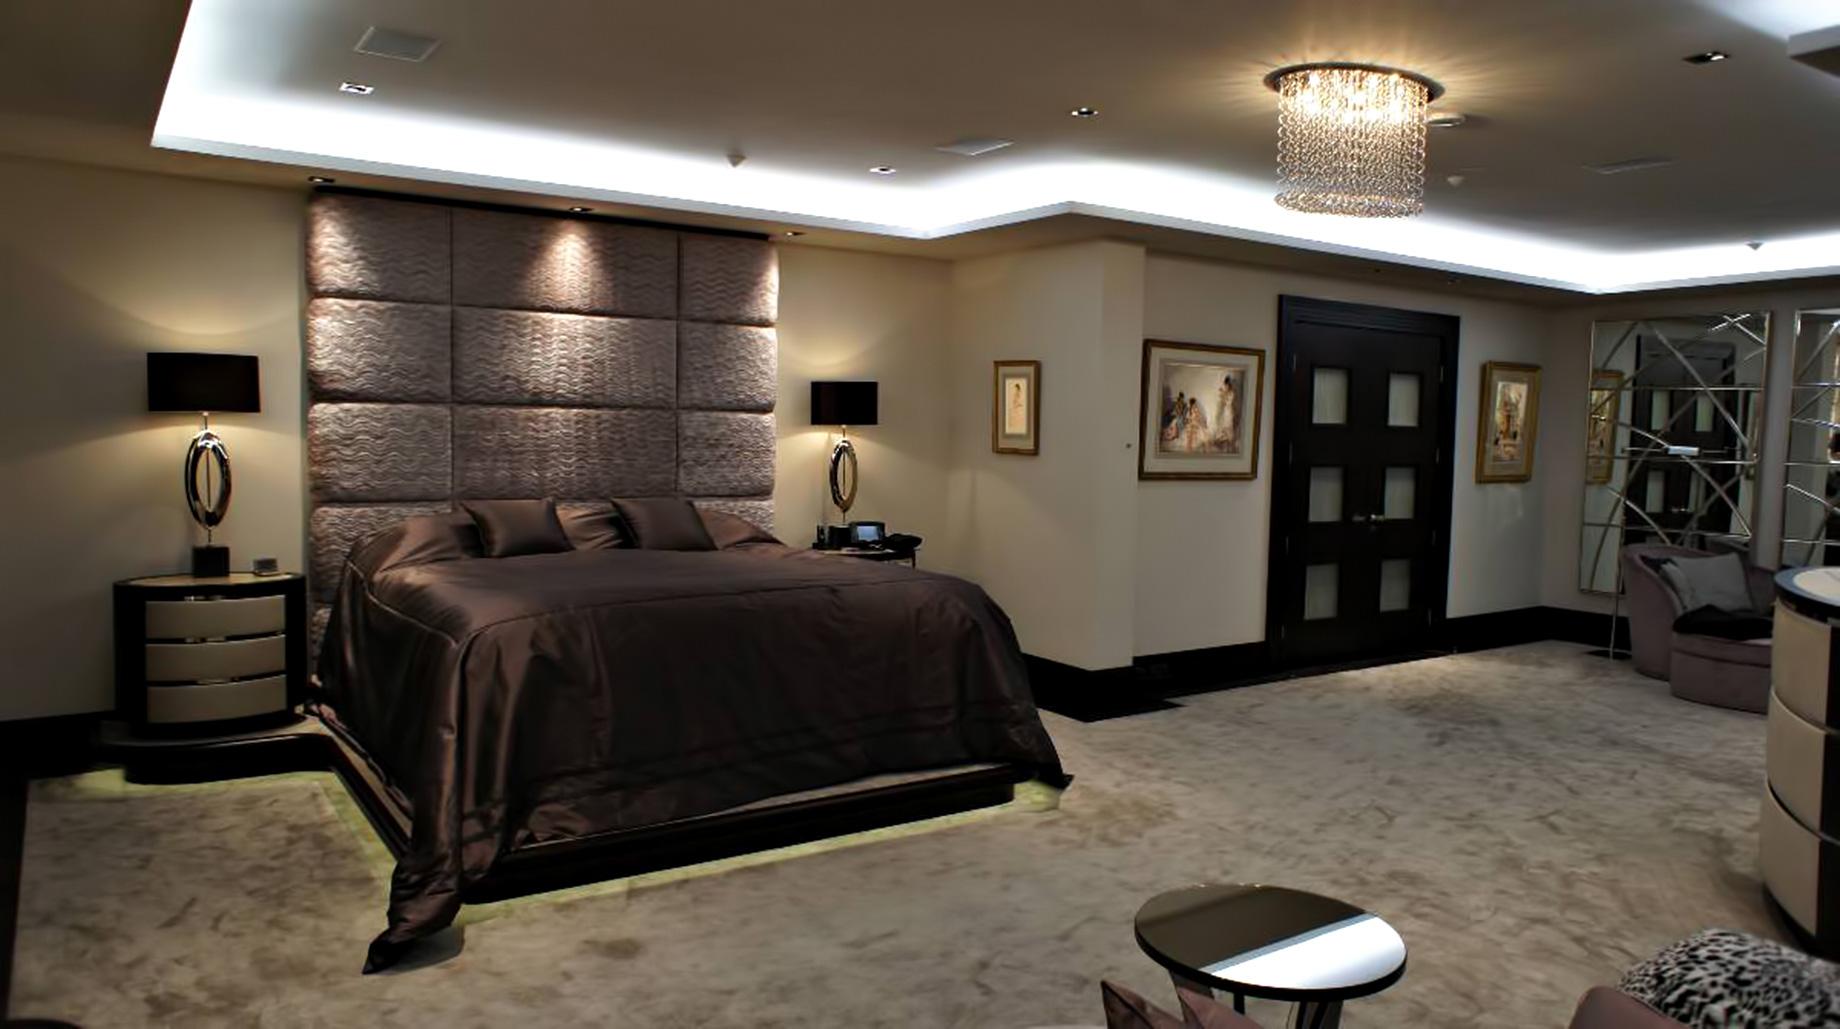 12 Templewood Avenue Residence – Hampstead, London, England, UK